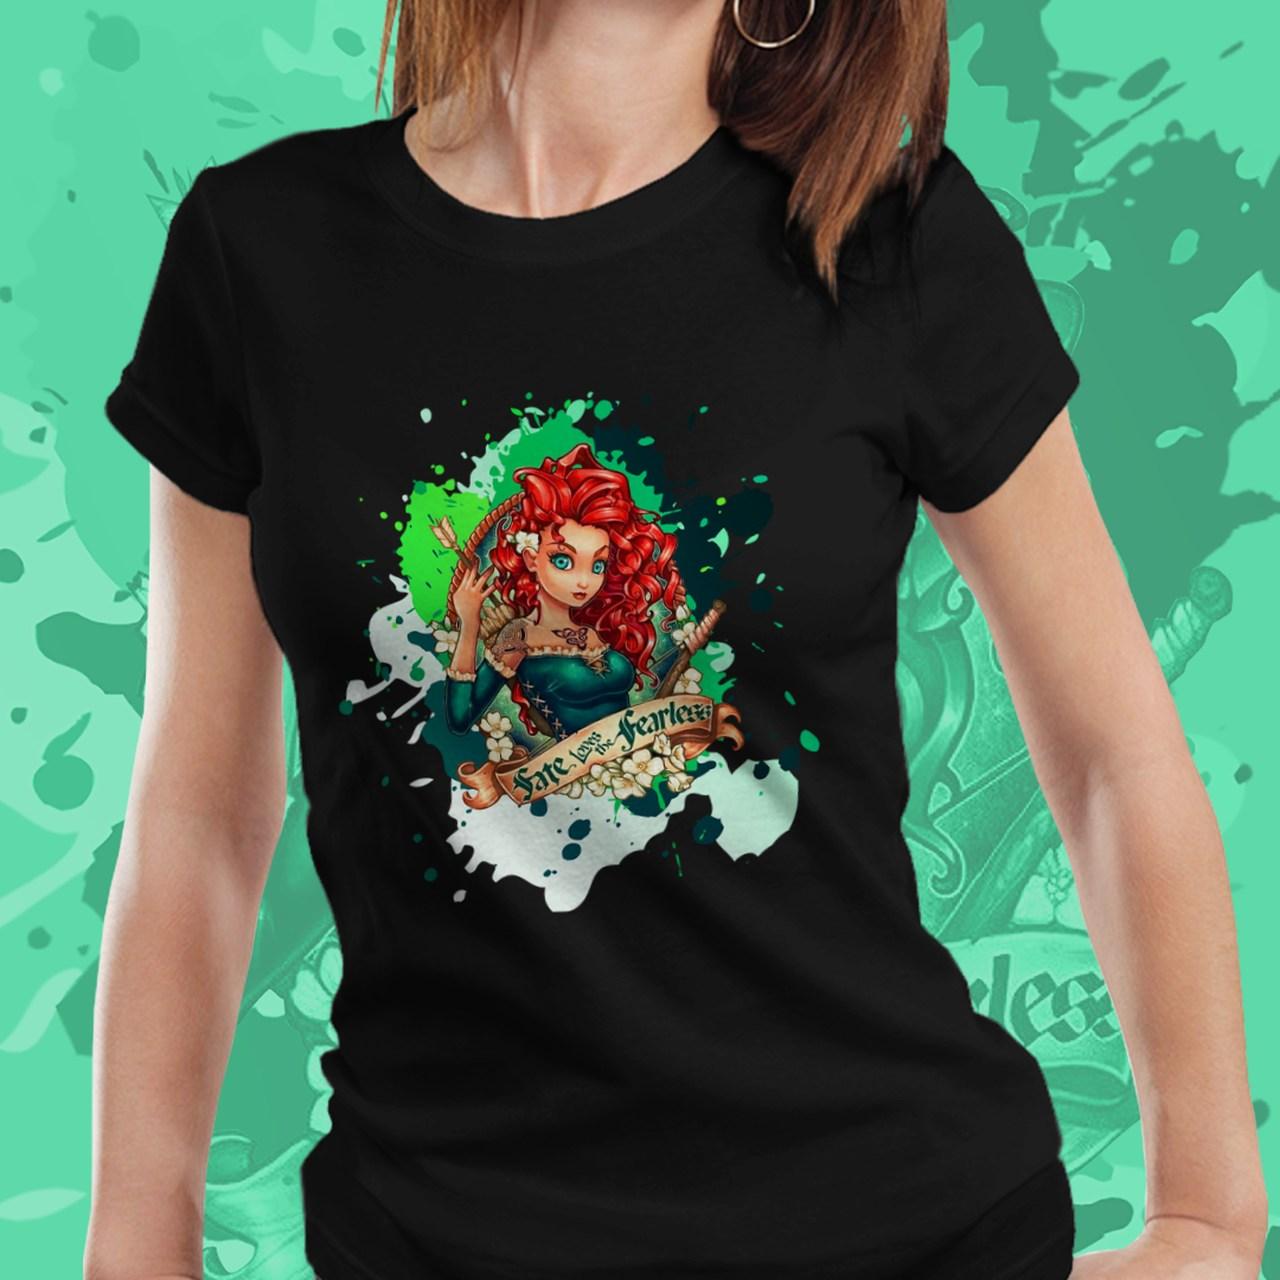 Camiseta Feminina Princesa Merida: Valente - Disney  (Preto) - EV